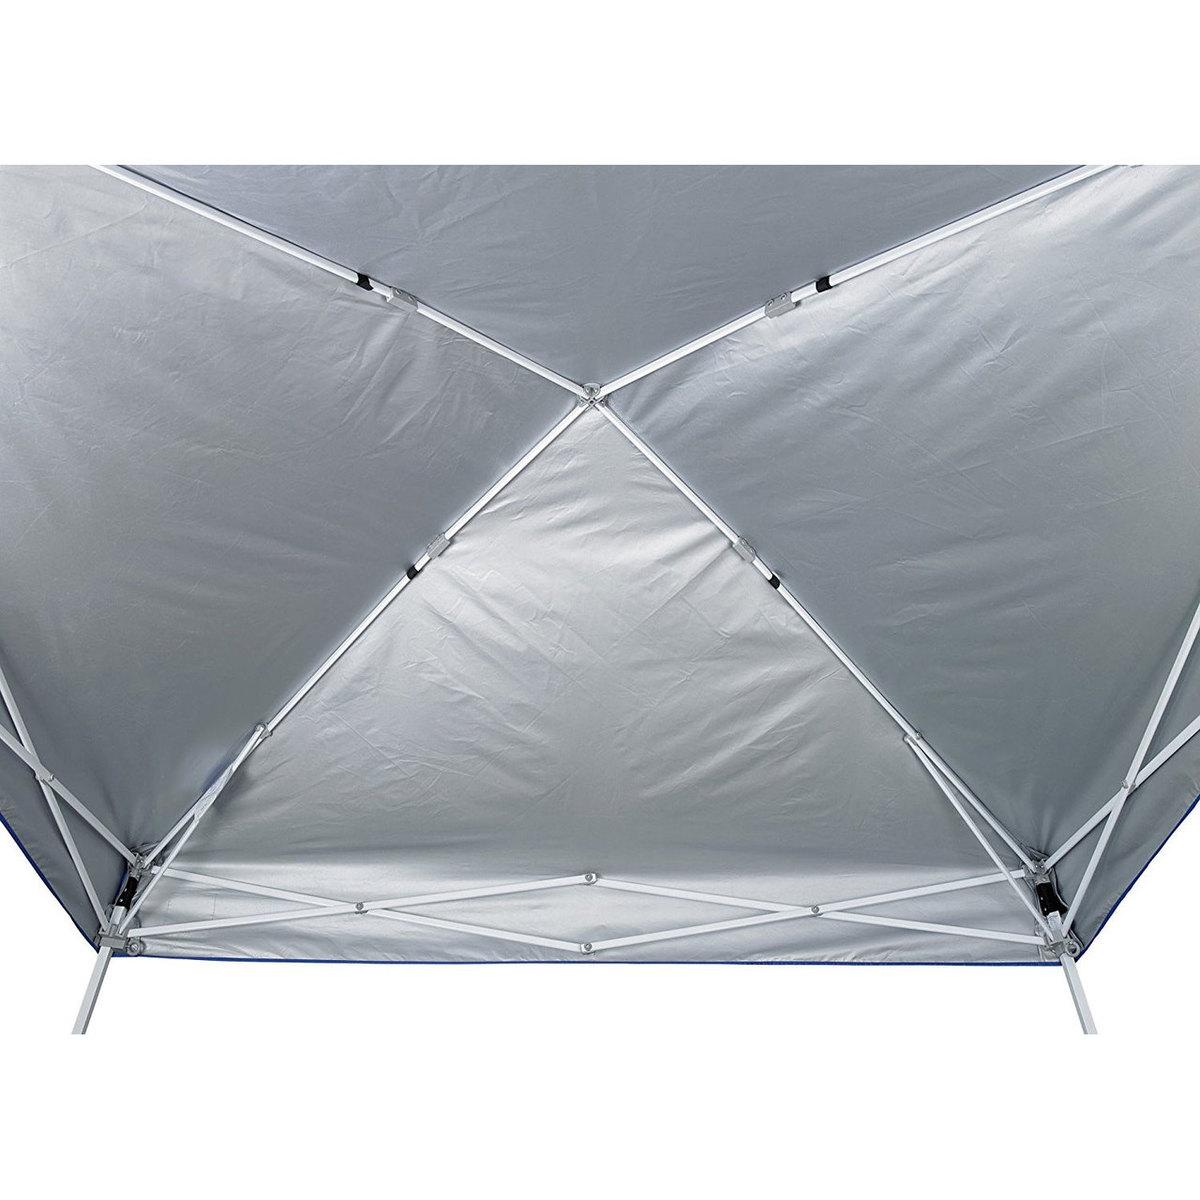 E-Z UP 10x10 Sierra II Instant Shelter Canopy Tan  sc 1 st  eBay & E-Z UP 10x10 Sierra II Instant Shelter Canopy | eBay